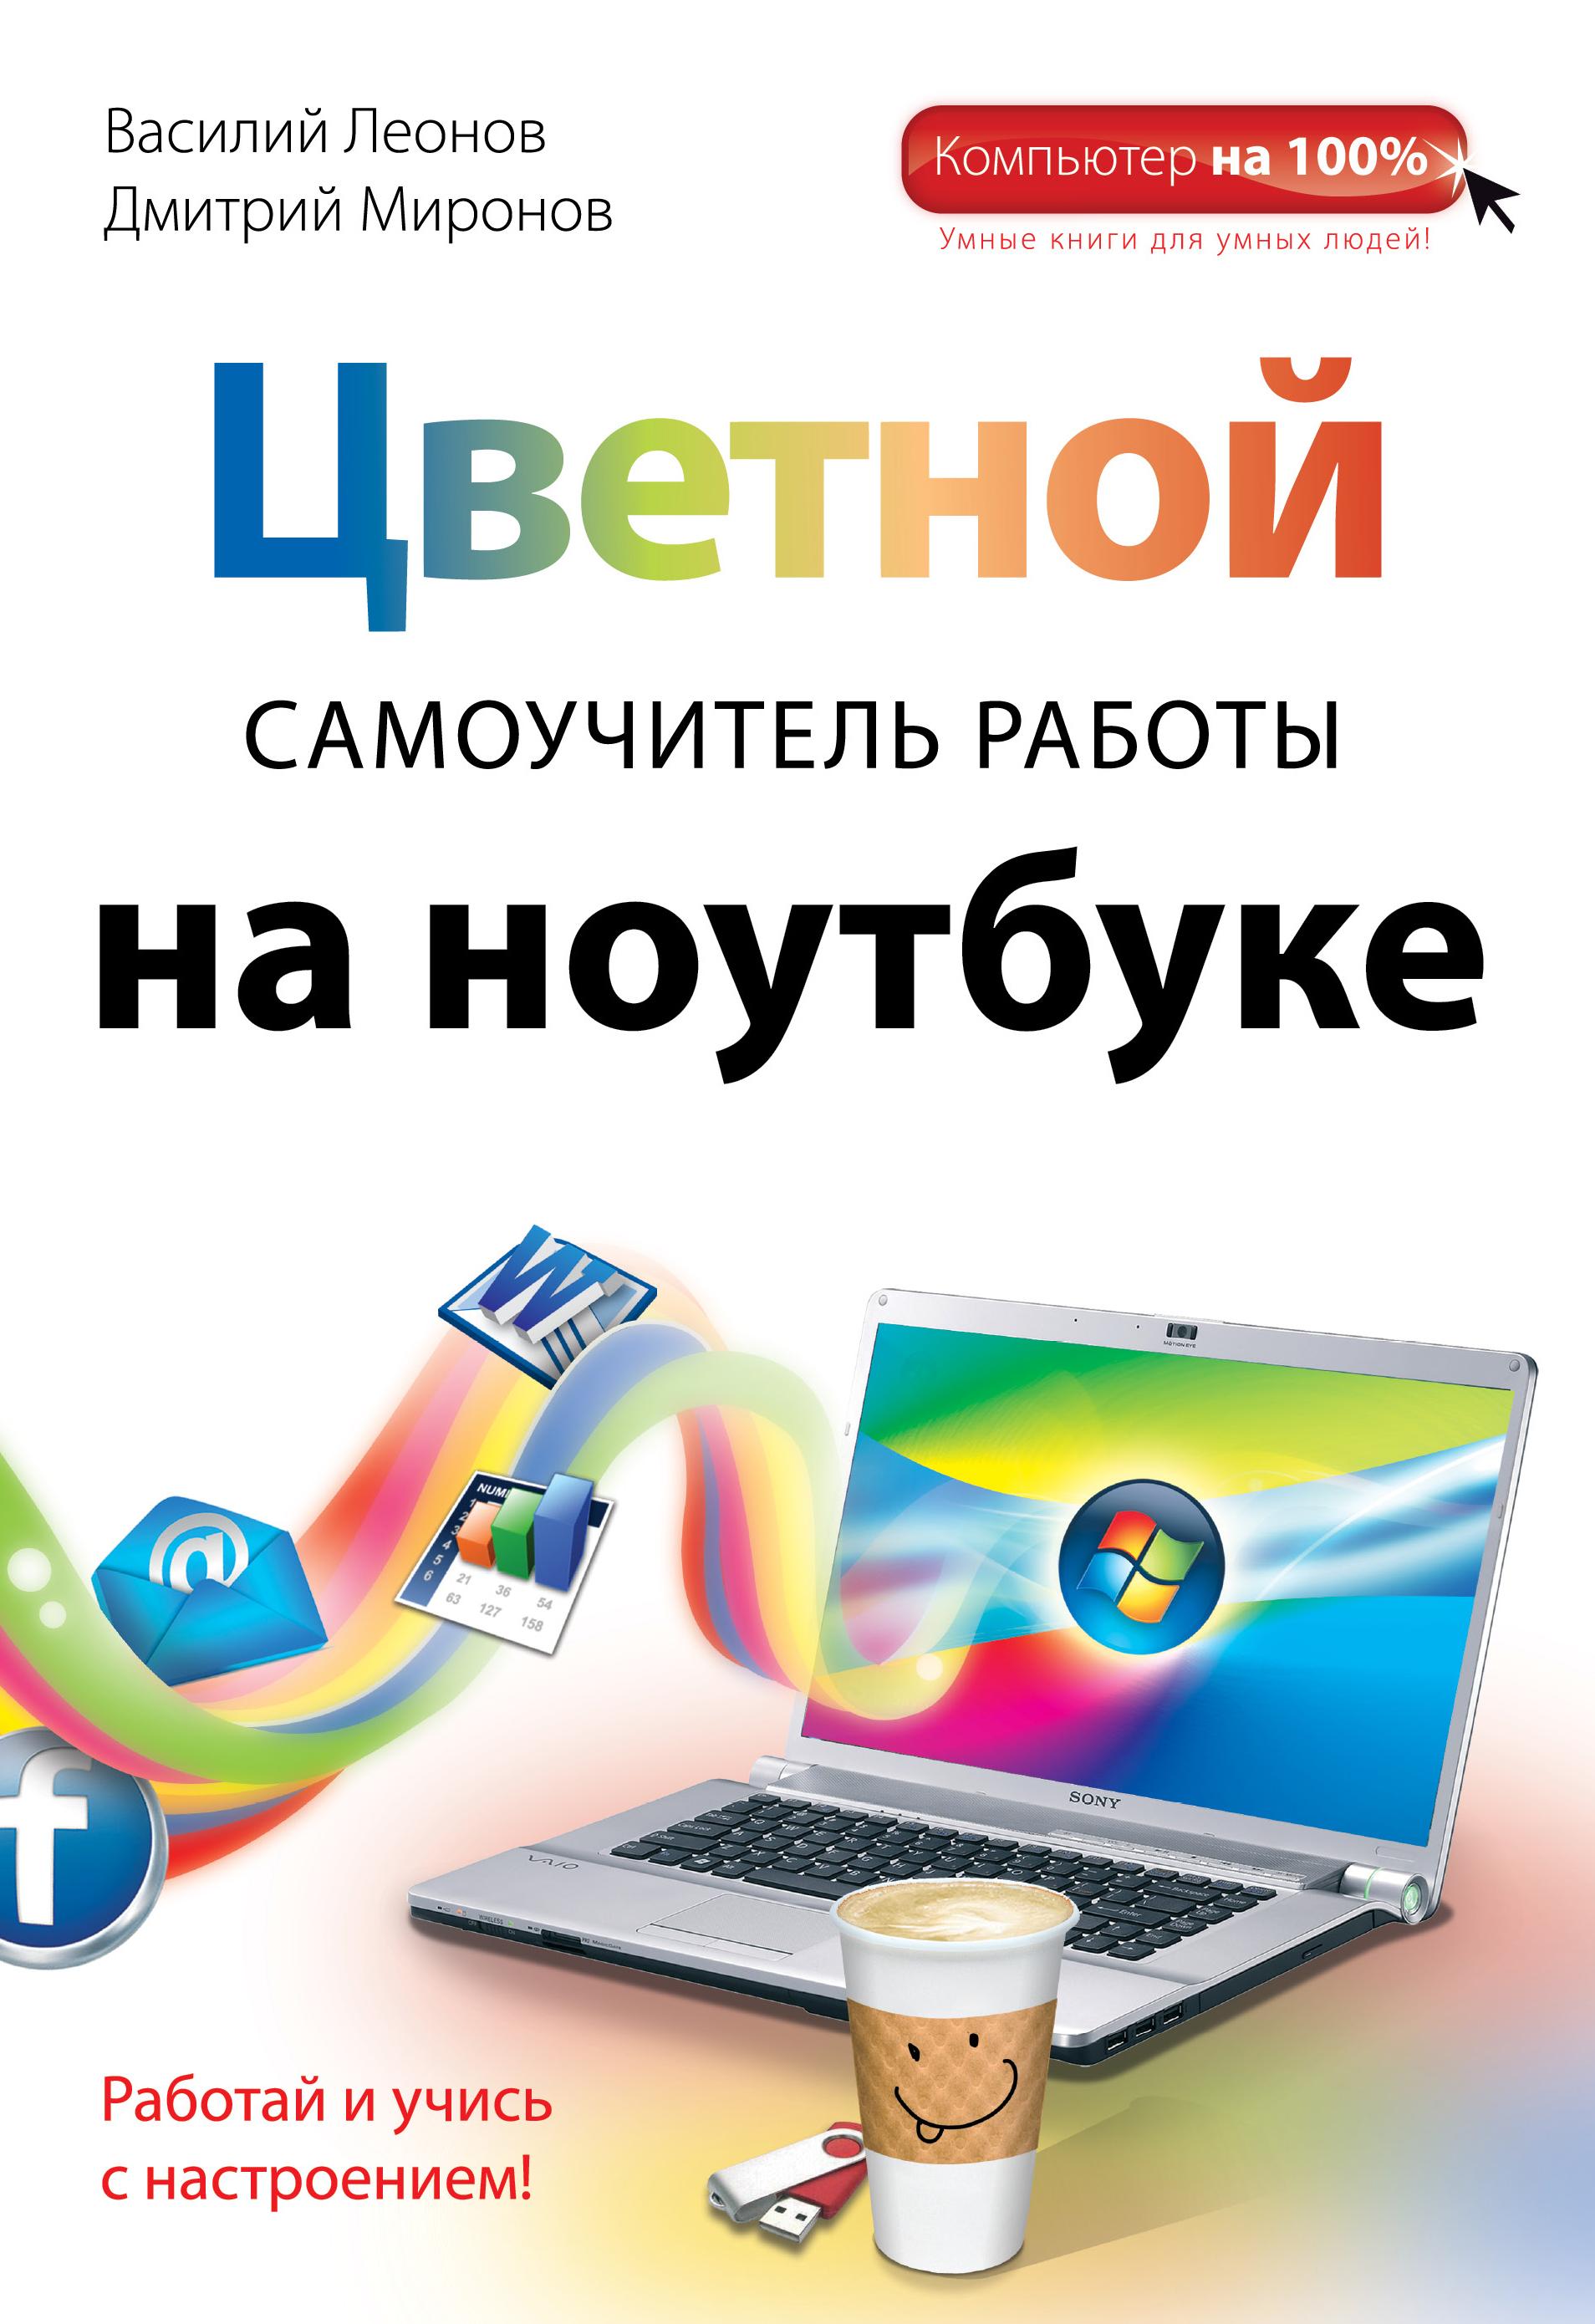 Цветной самоучитель работы на ноутбуке от book24.ru